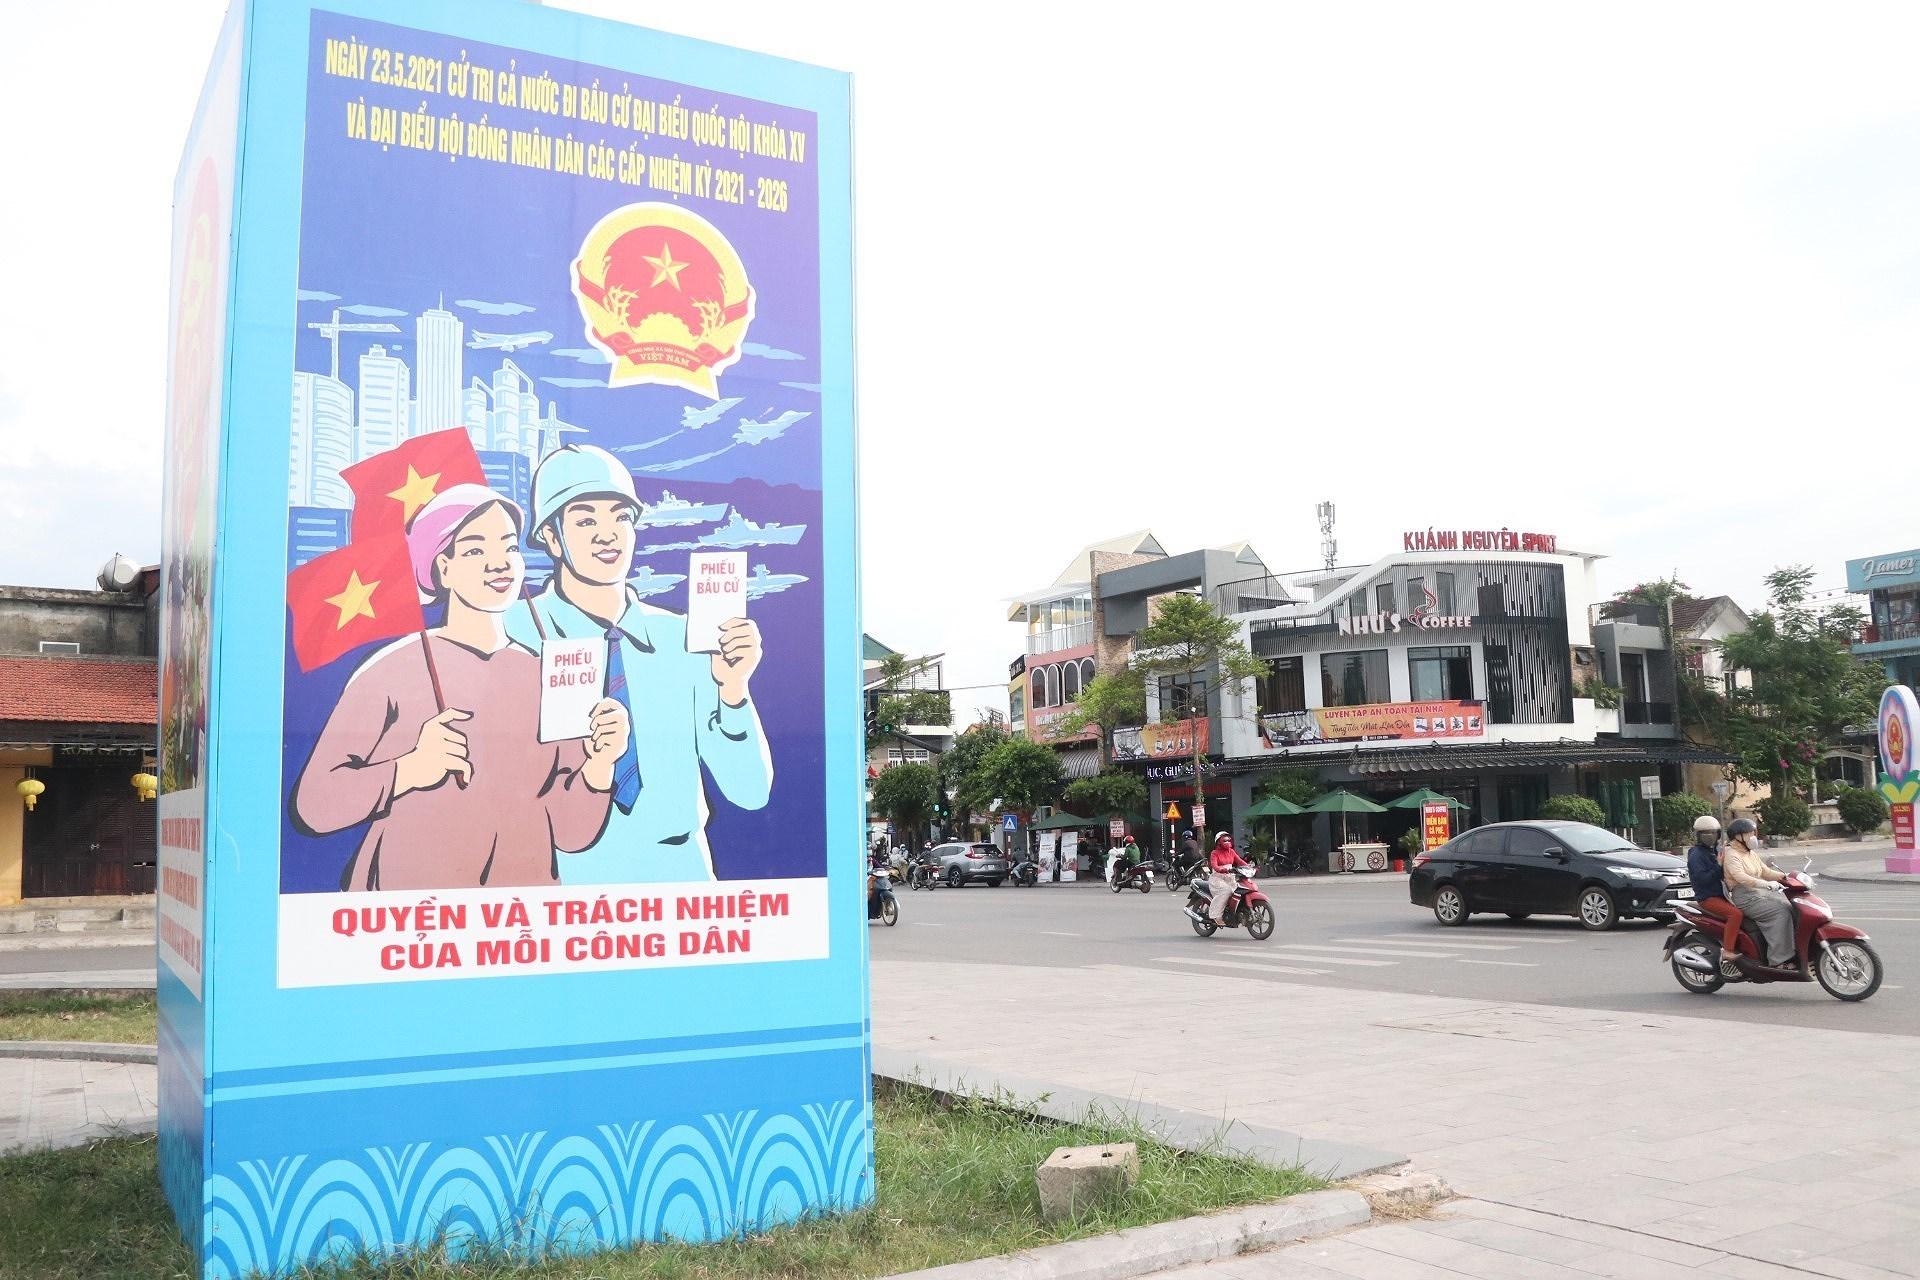 Вьетнам готов к всеобщим выборам hinh anh 9